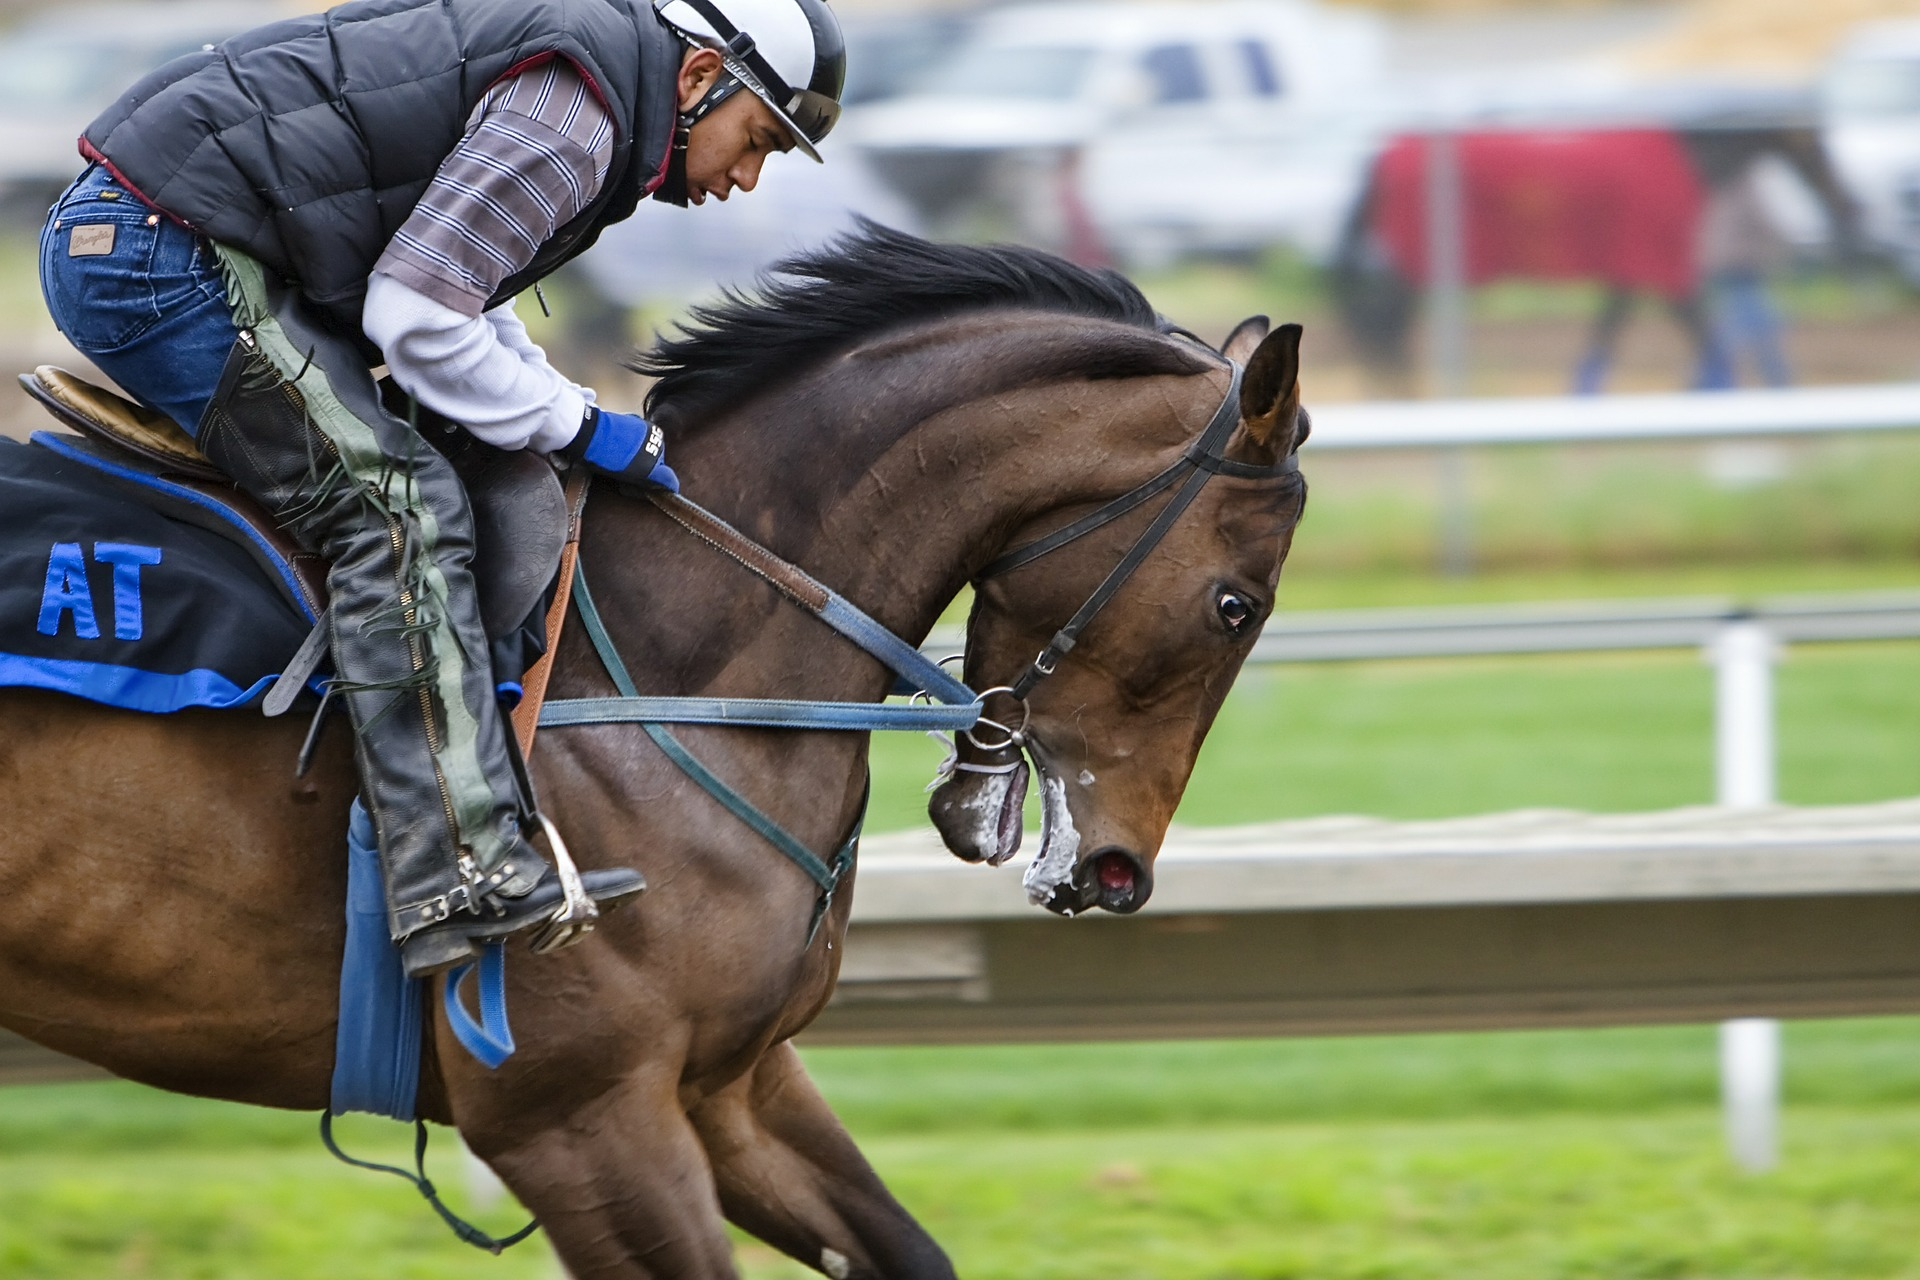 καριέρα, Ελεύθερη/Αθλητική Ιππασία, άλογο, αναβάτη, Πίστα αγώνων - Wallpapers HD - Professor-falken.com